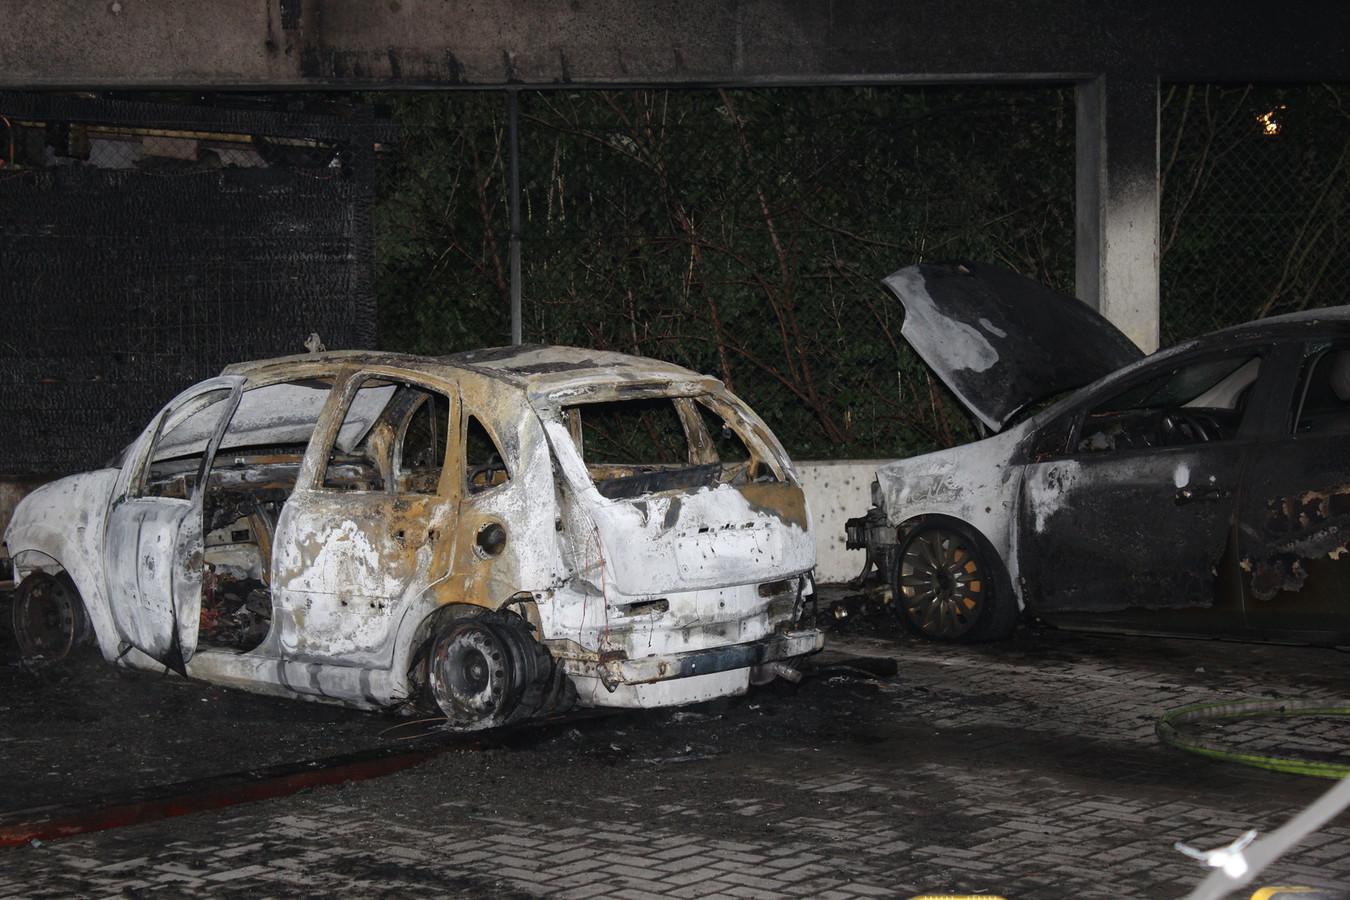 De averij na de brand in de nacht van 17 op 18 juni 2016. Ook toen raakten meerdere auto's beschadigd en was het vuur aangestoken.